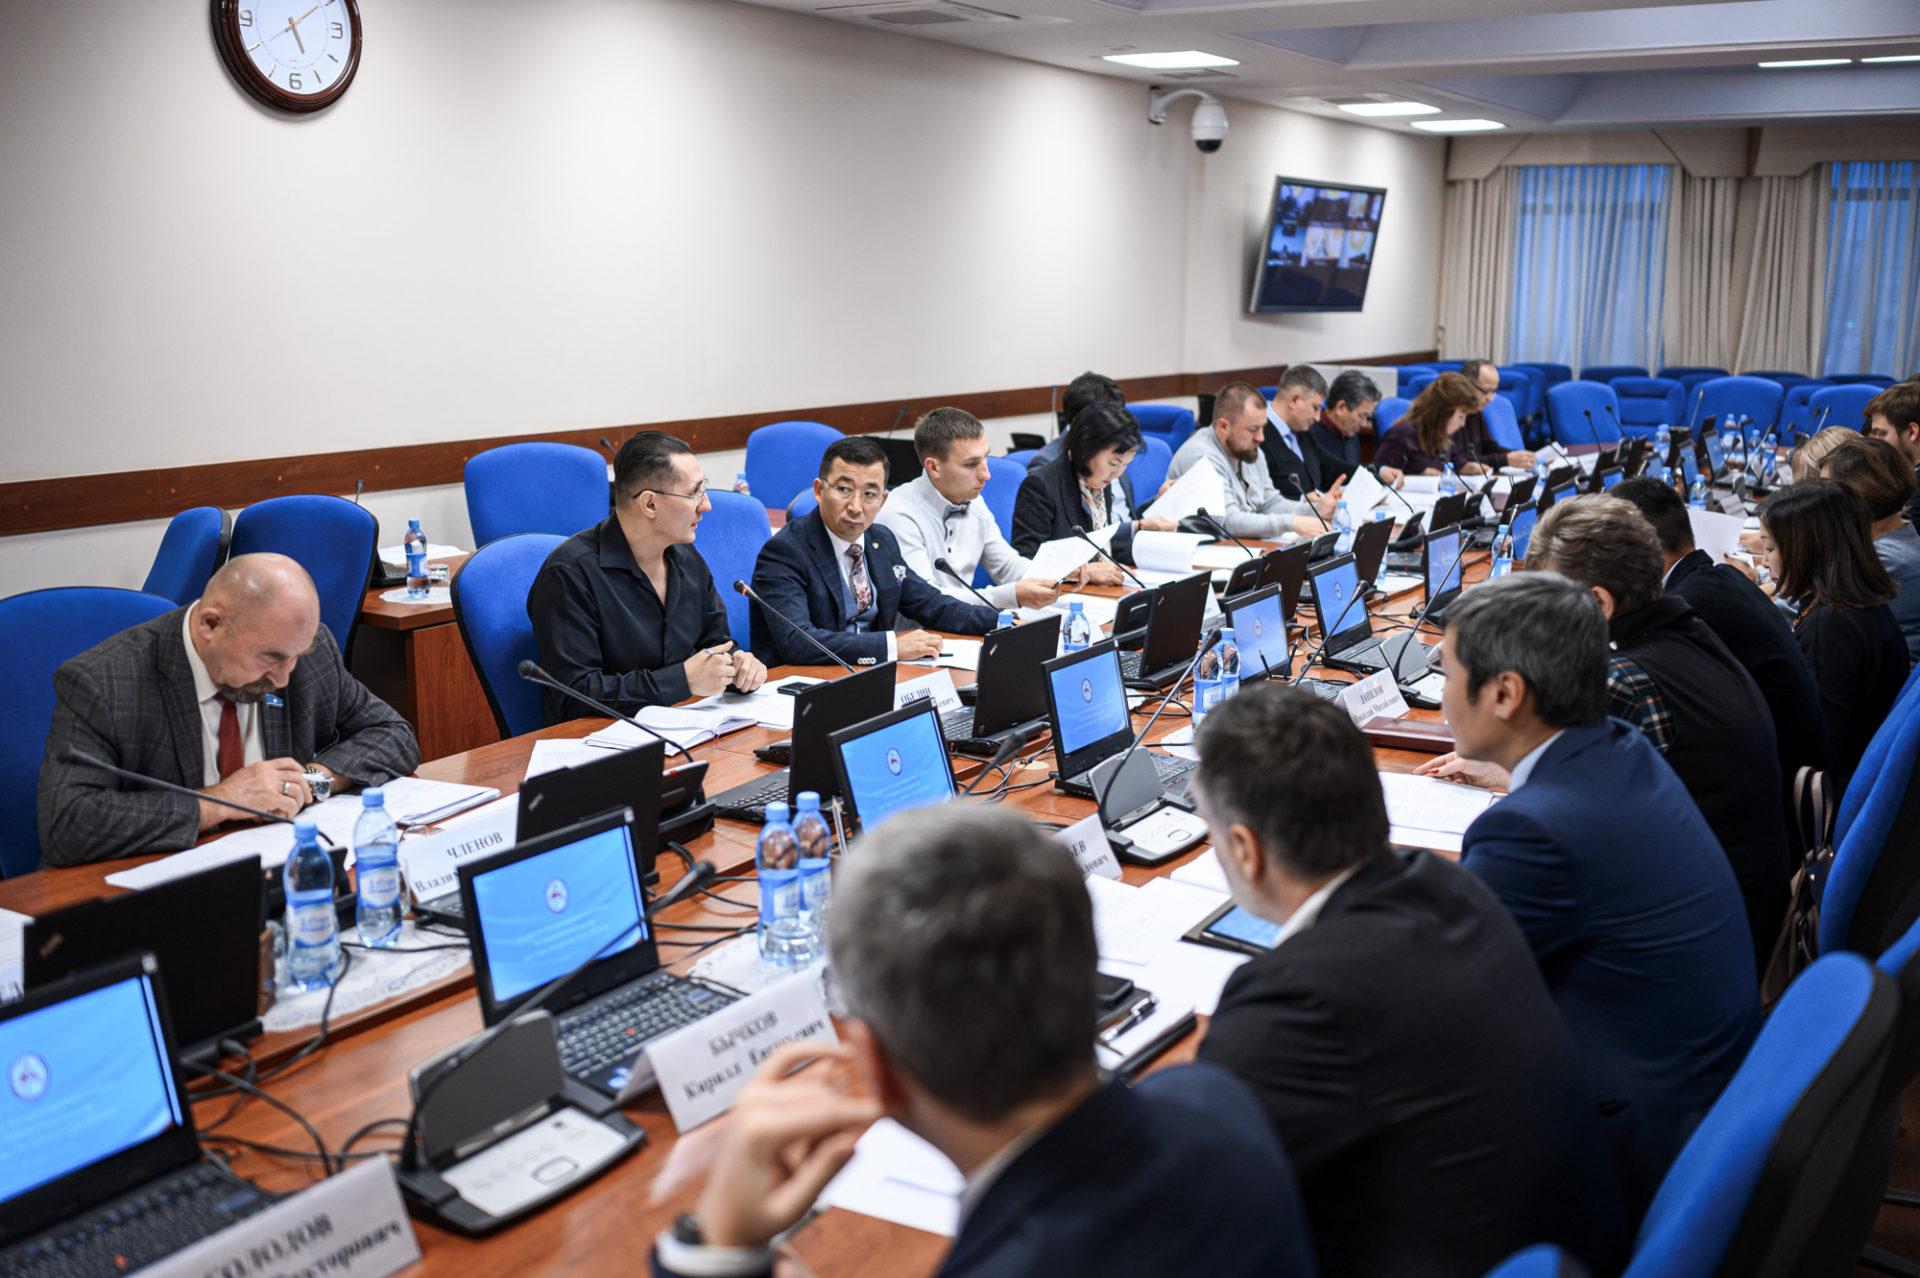 Координационный совет по предпринимательству при Главе Якутии изменит формат работы